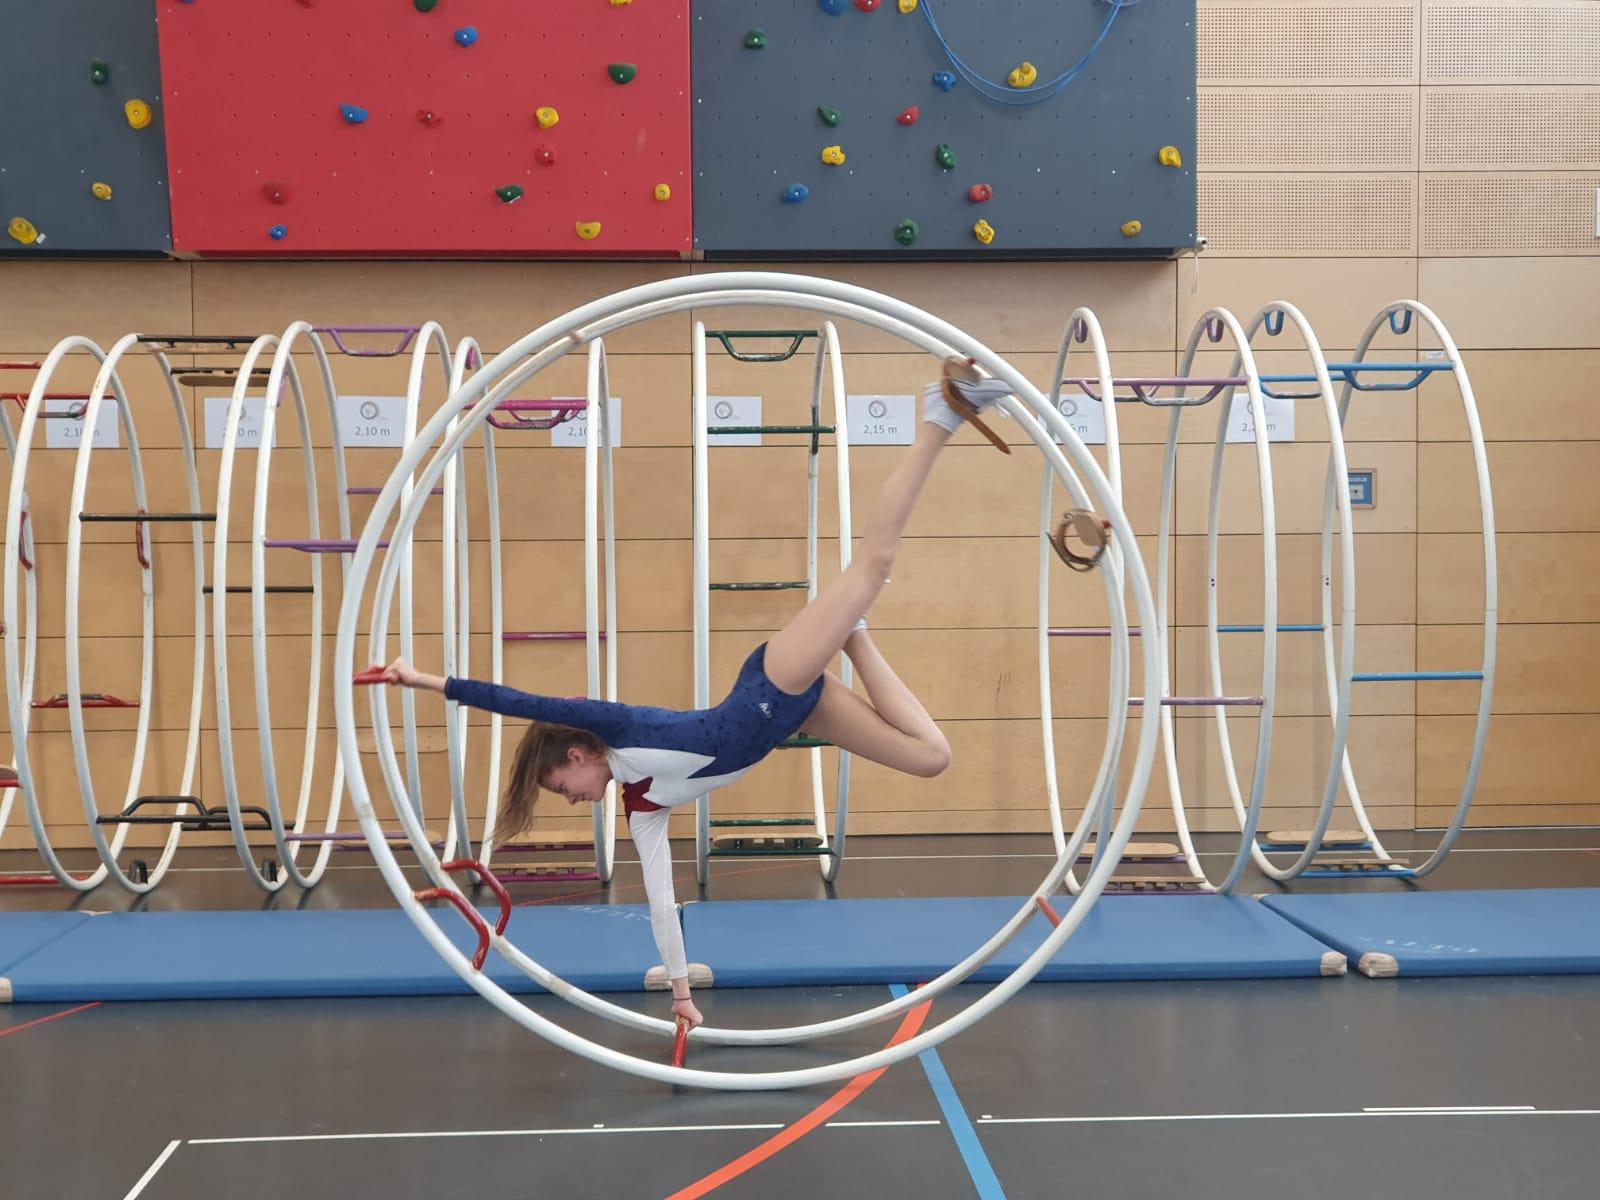 Je nach Leistungsstand werden Übungen verschiedener Schwierigkeitsstufen geturnt.